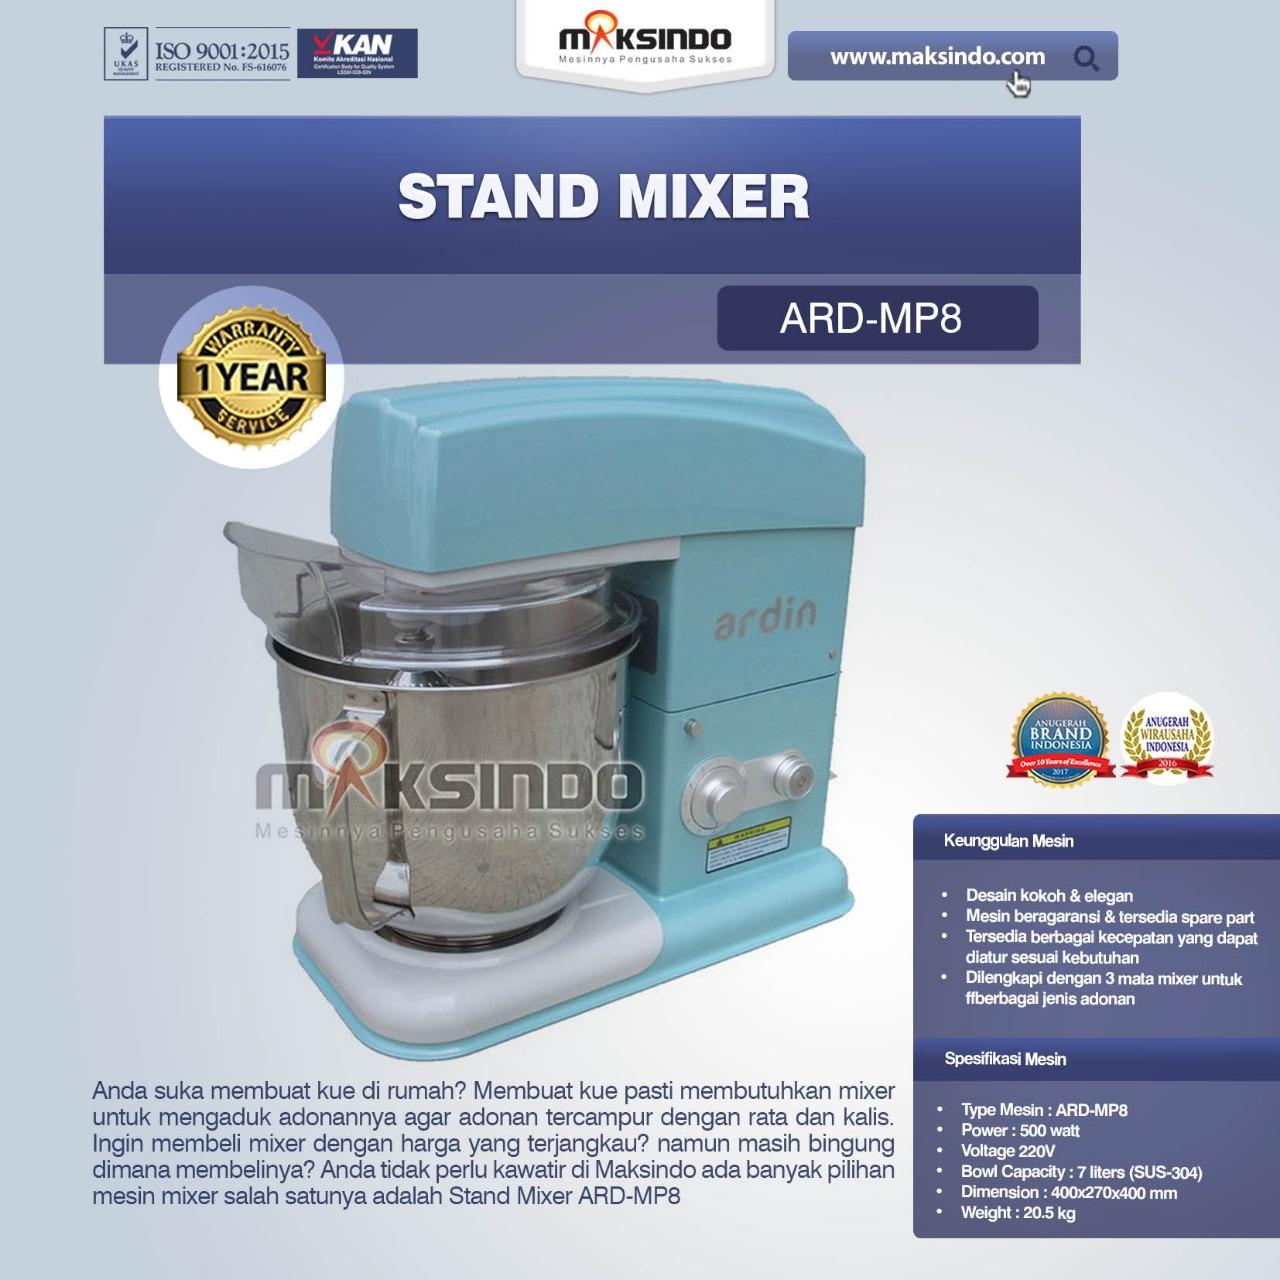 Jual Stand Mixer ARD-MP8 di Mataram